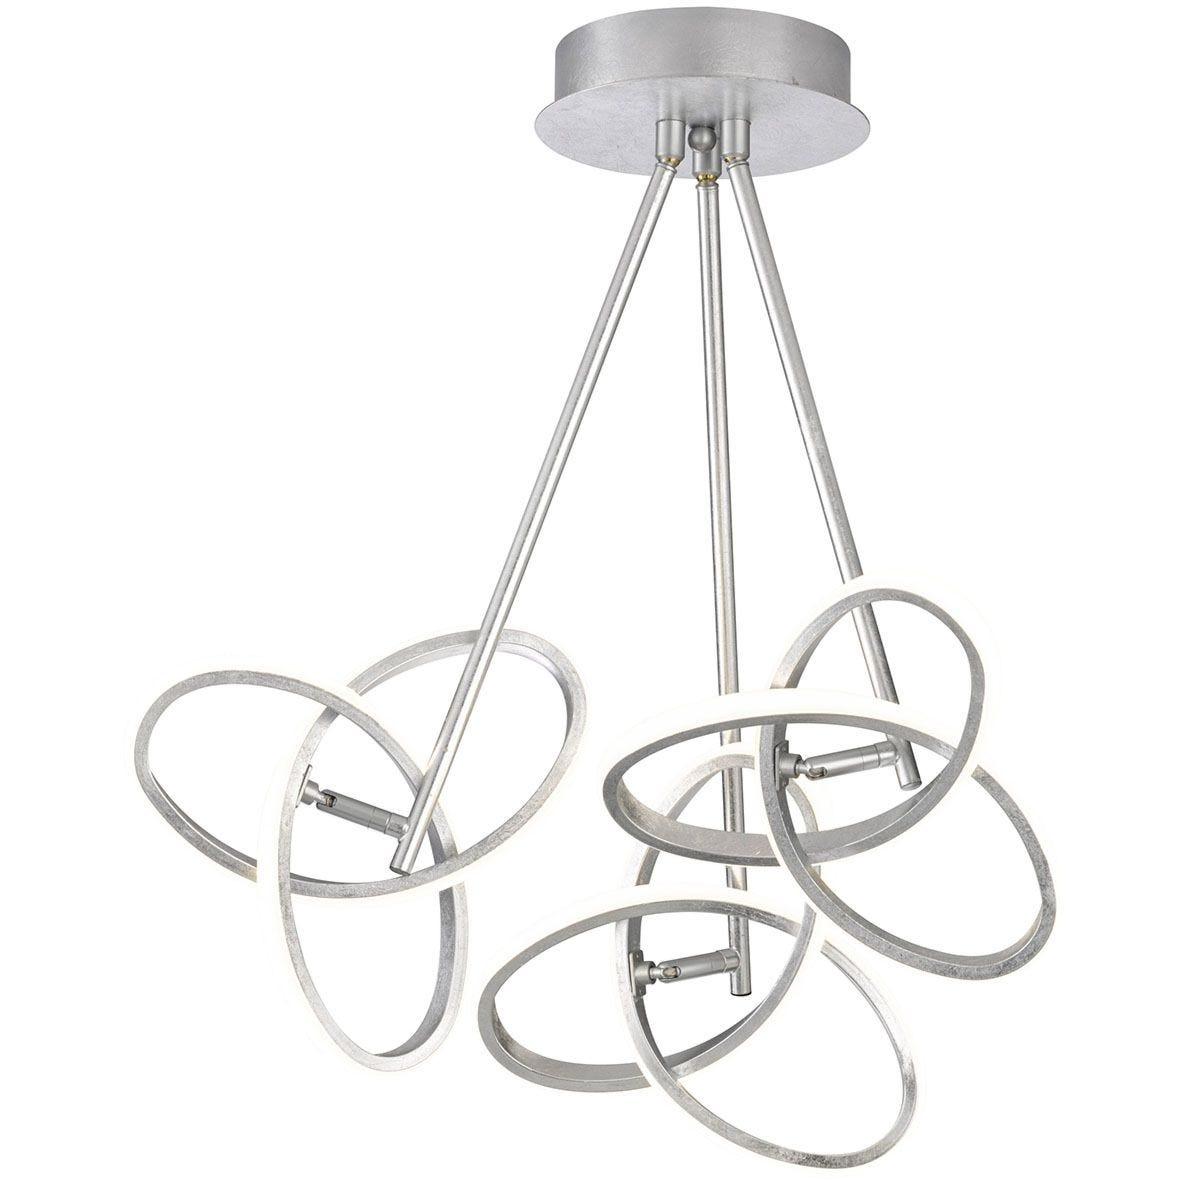 Wofi Eliot 3-LED Flush Fitting Pendant Lamp - Silver